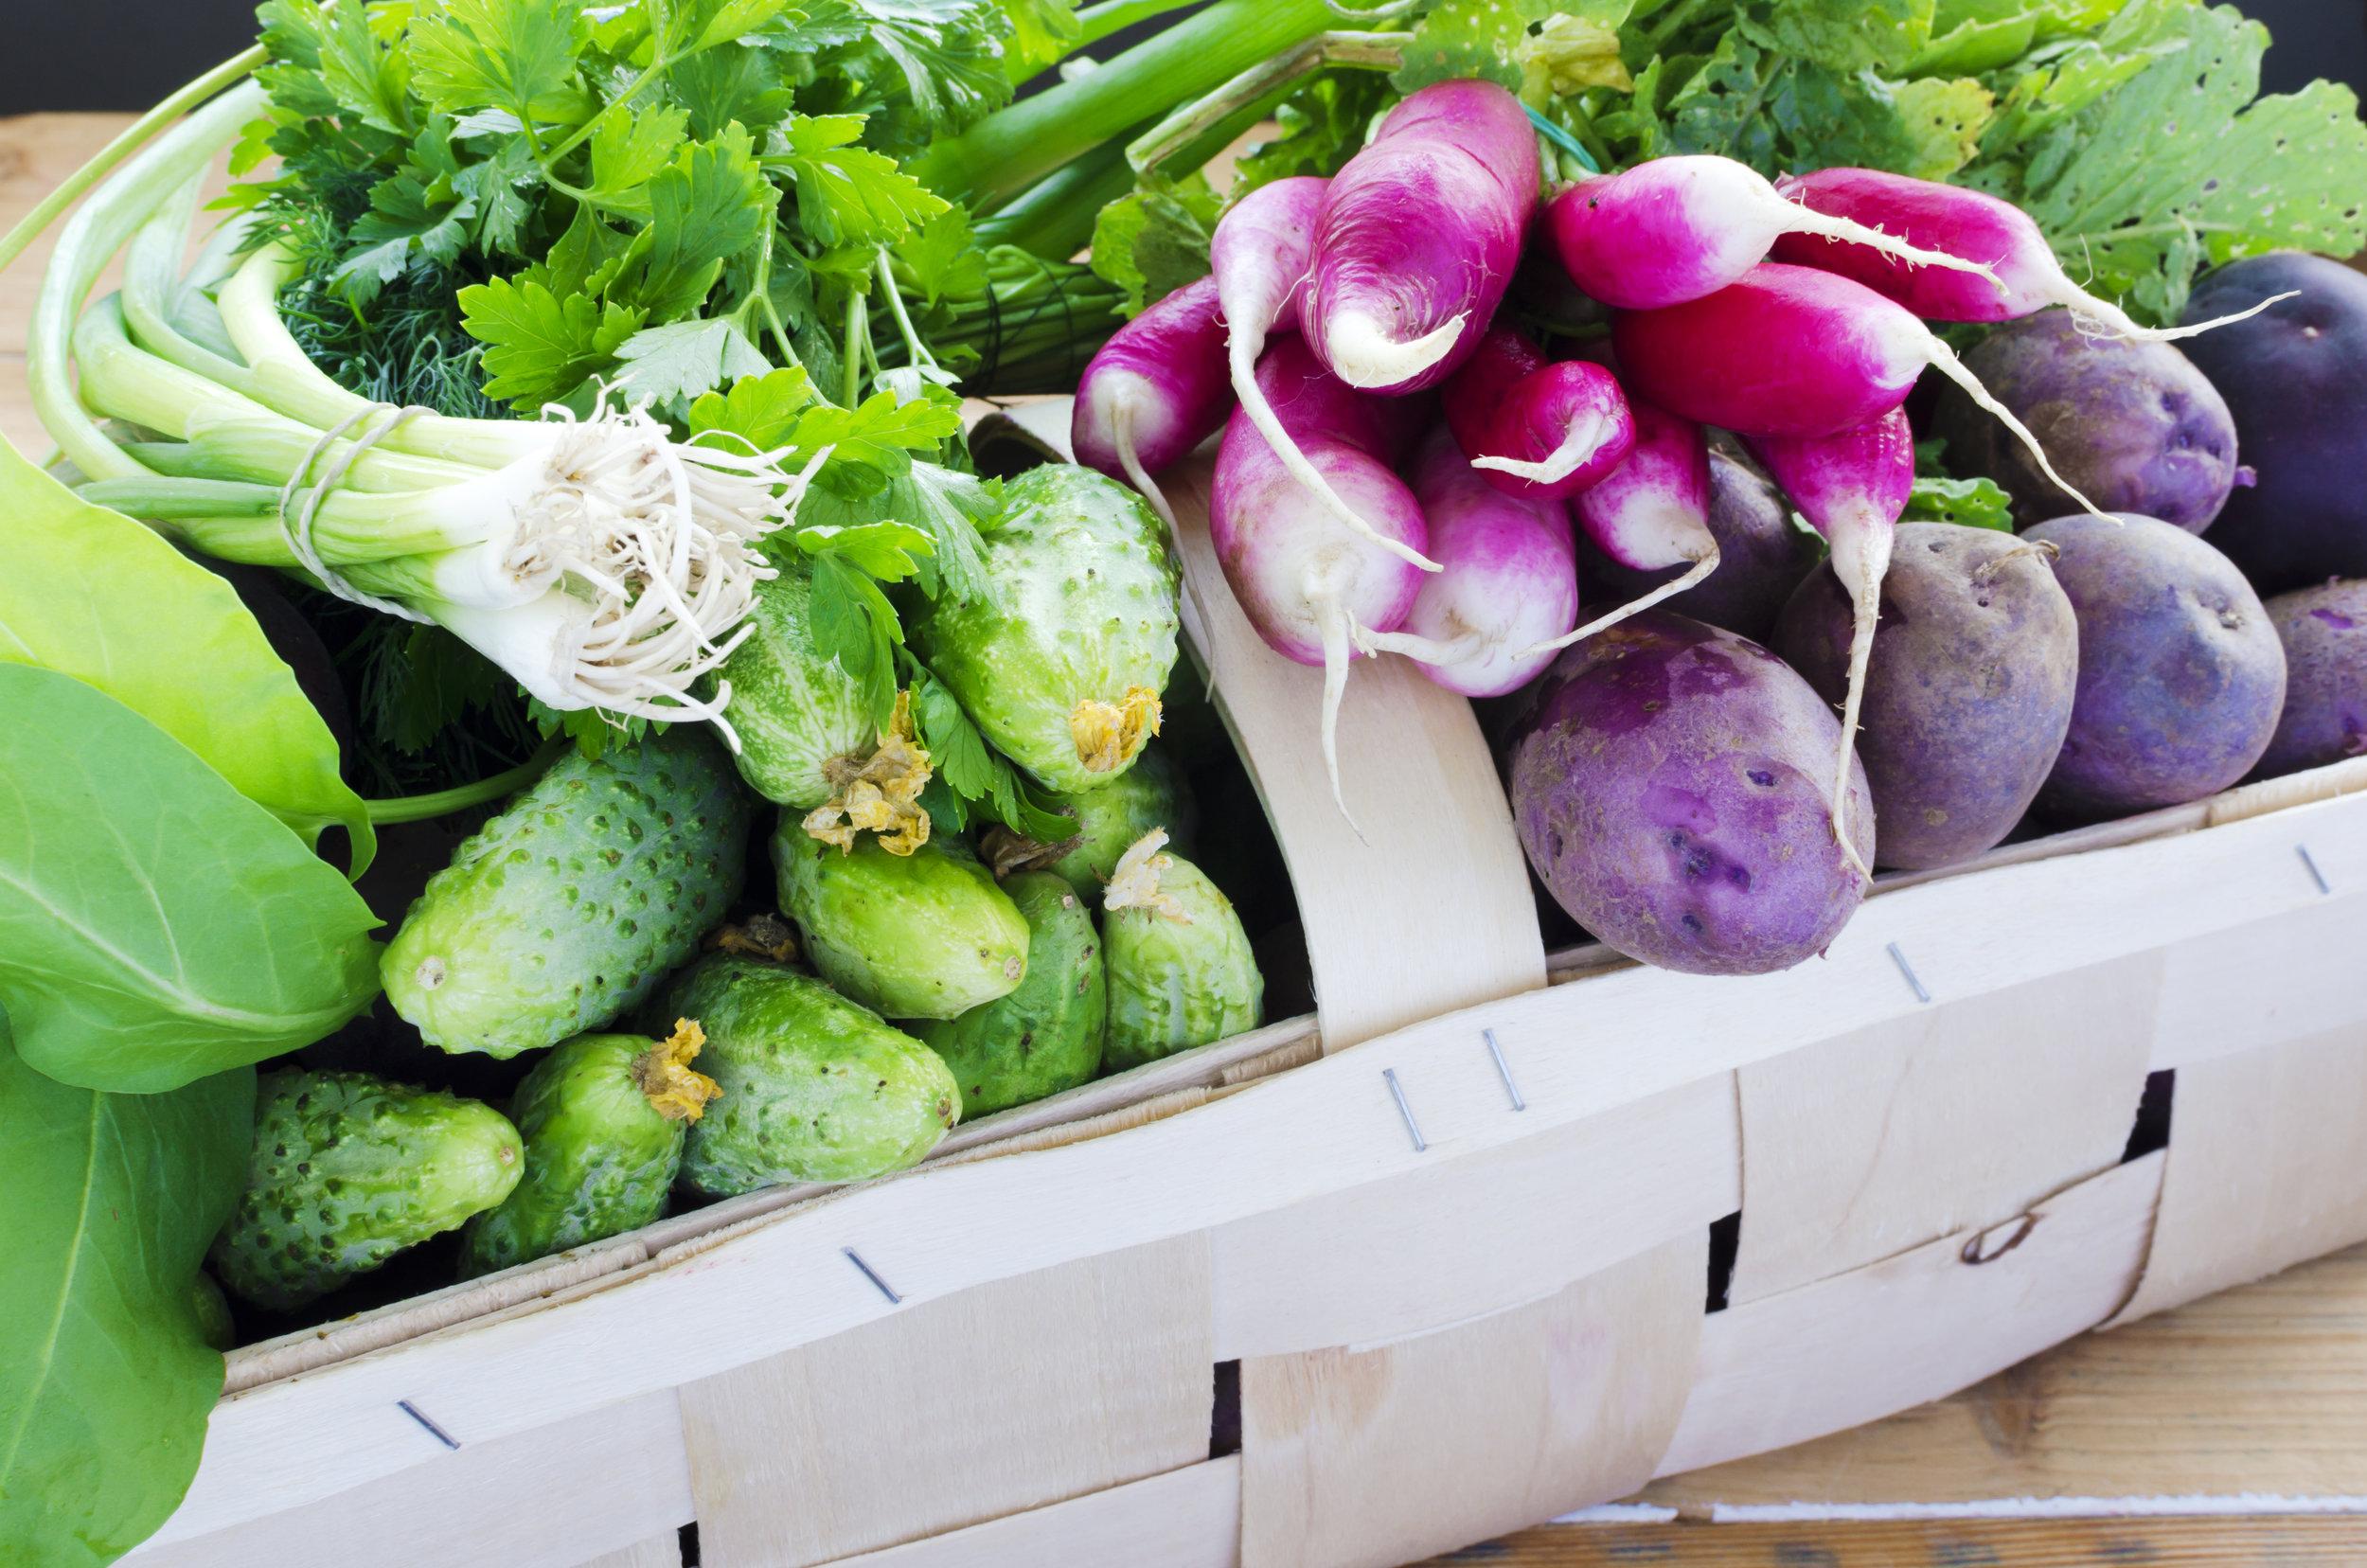 Fresh-vegetables-in-the-wooden-veneer-basket-489909991_4928x3264.jpeg